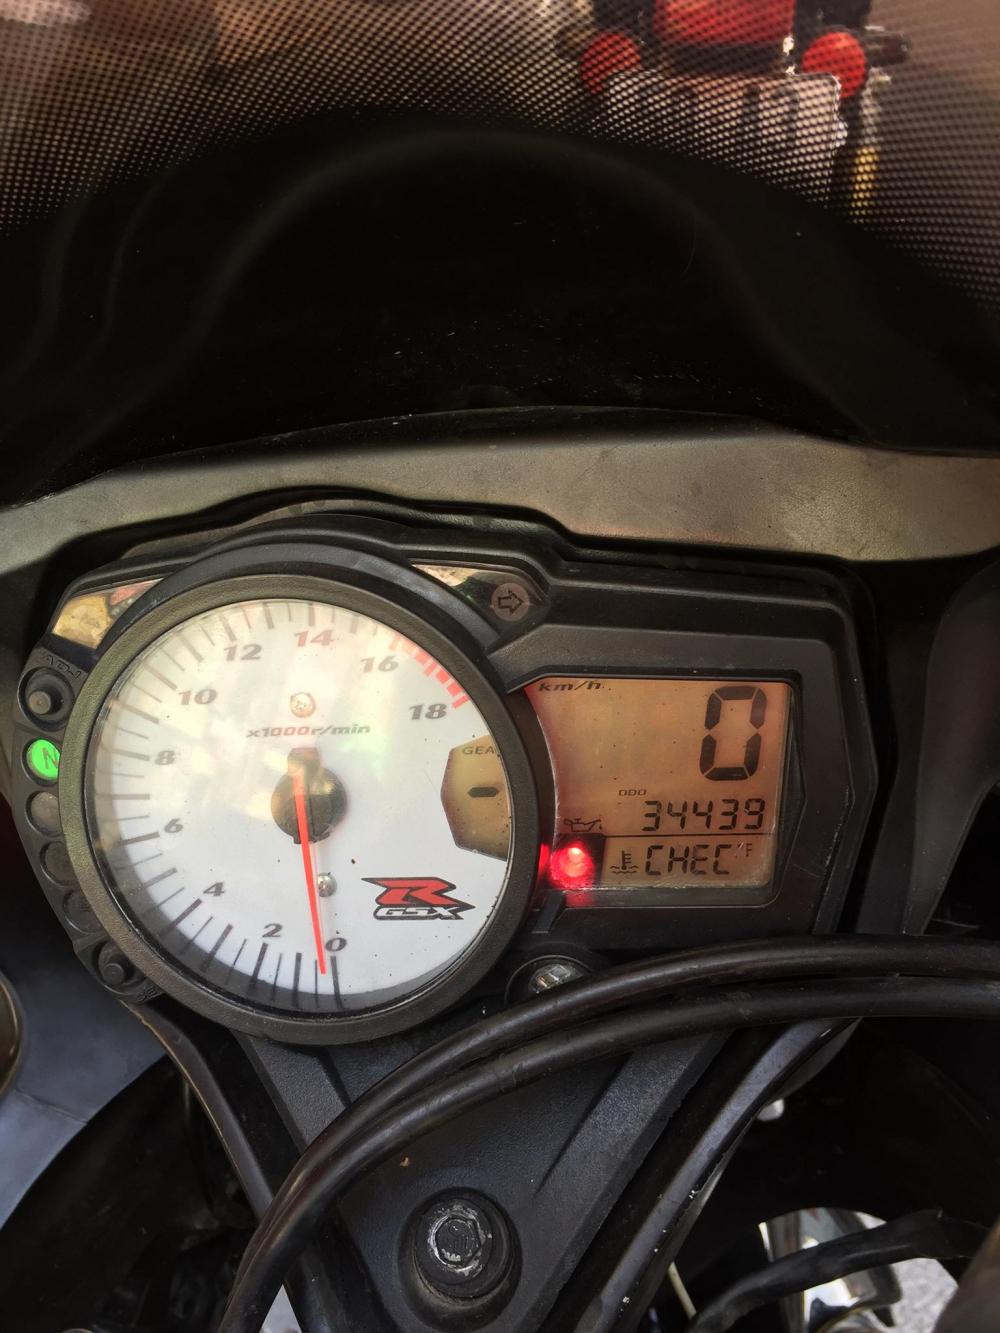 Suzuki GSXR750 ngua dua huyen thoai len san - 6